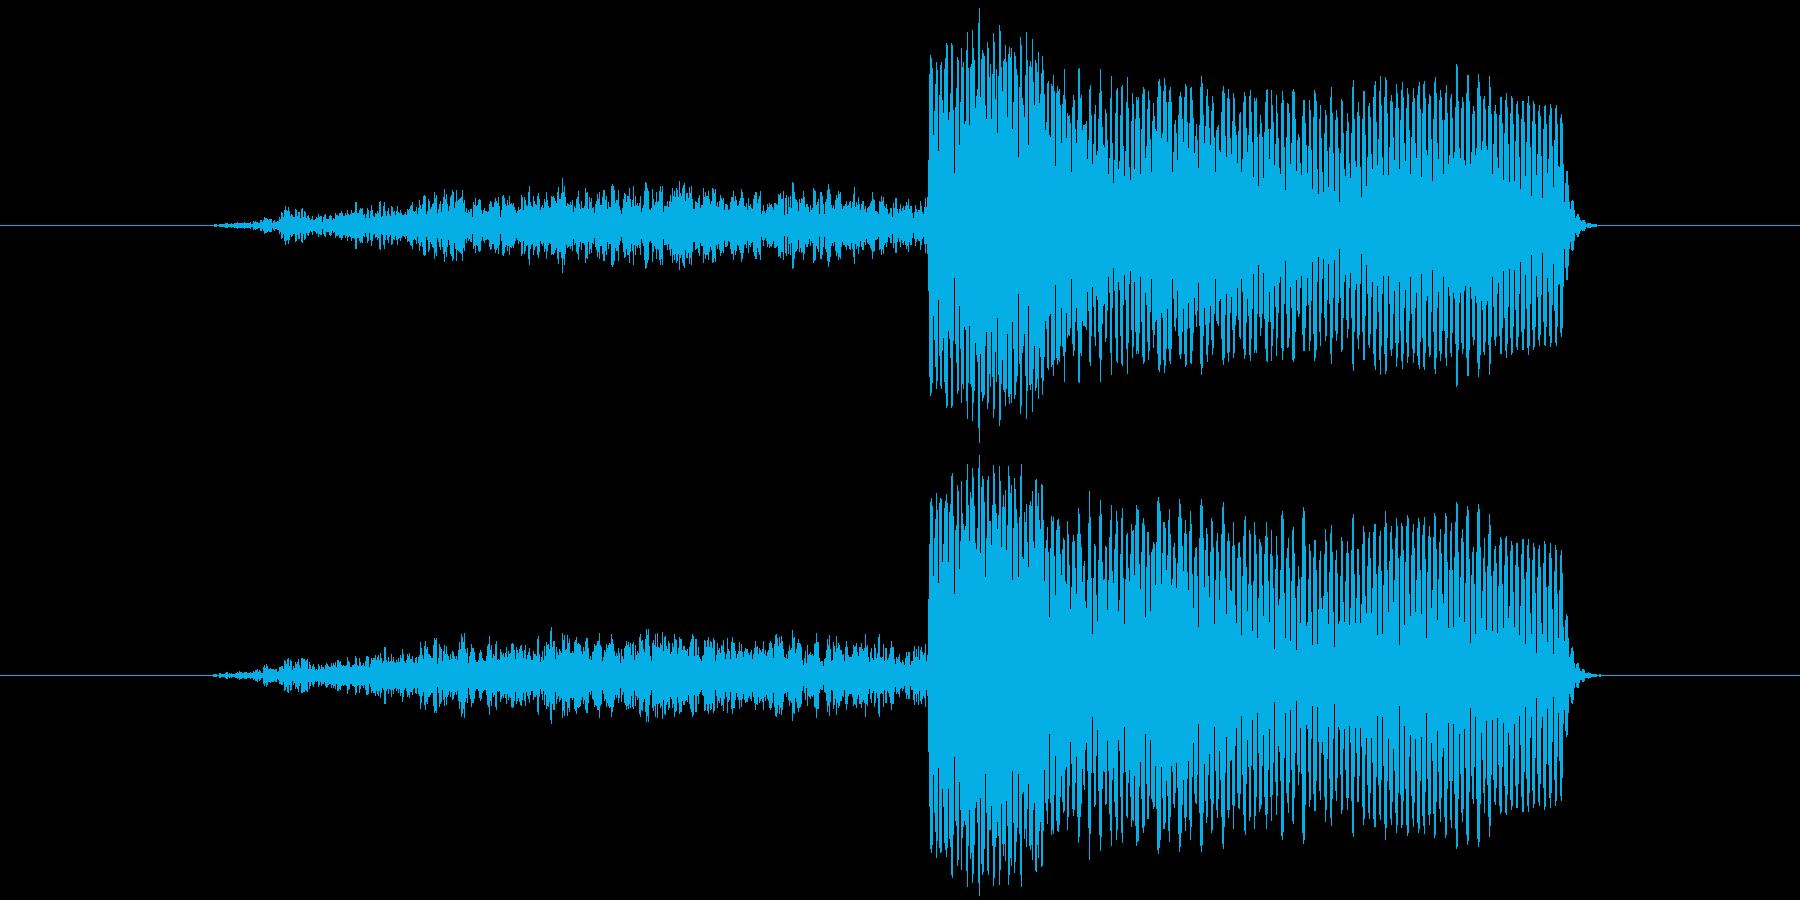 ロボットが起動する時の音の再生済みの波形